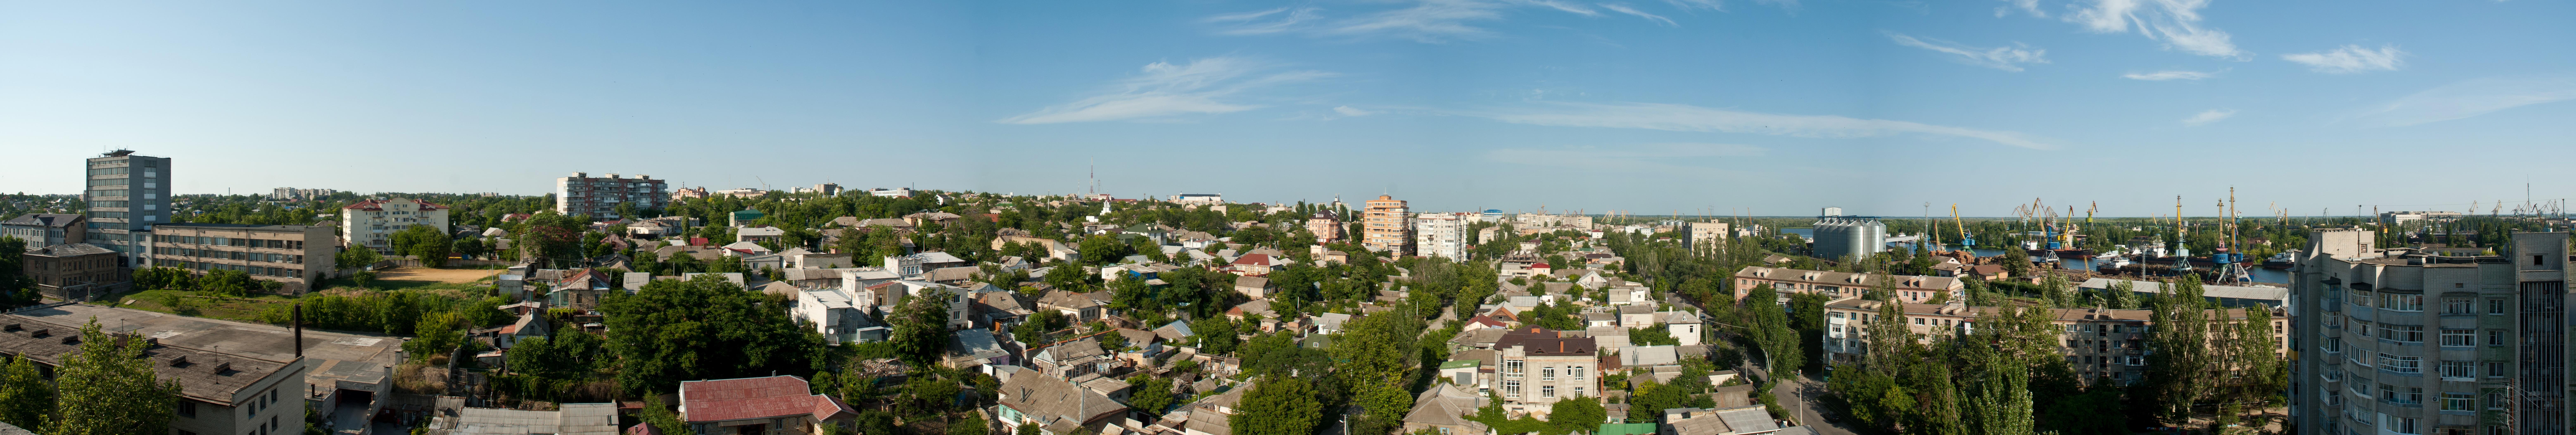 http://fotkidepo.ru/photo/548151/29142vi2jEAyc39/WWtQ6qqtdz/776730.jpg